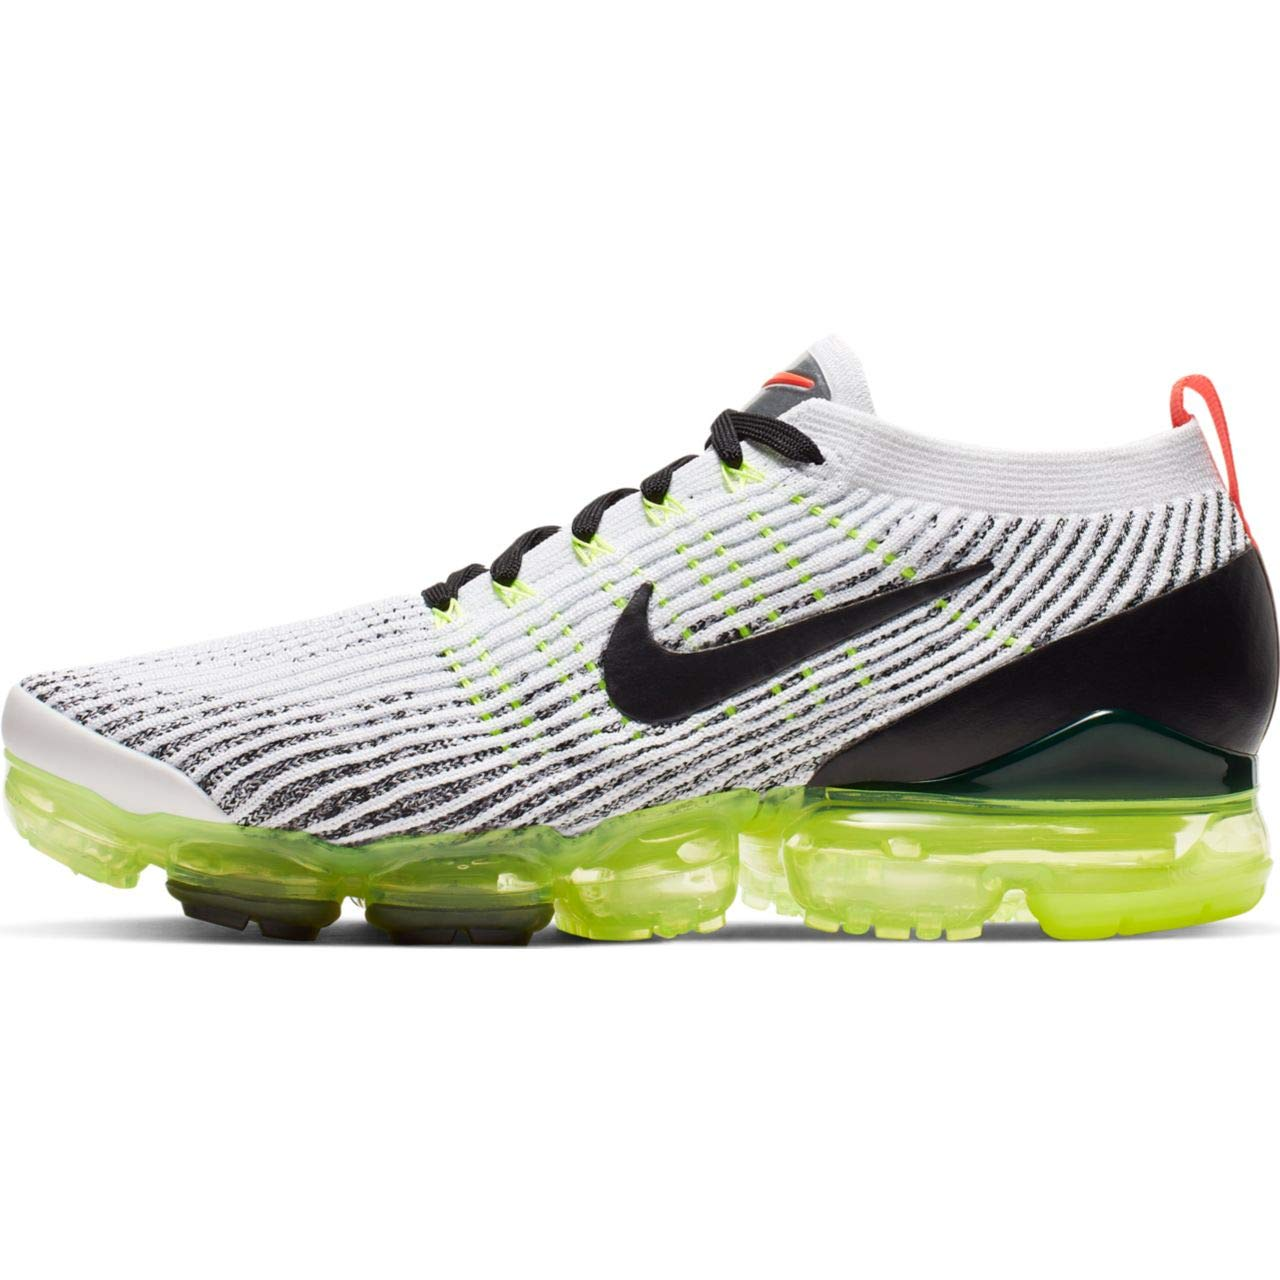 MultiCouleure (blanc noir Volt Bright Crimson 000) Nike Air Vapormax Flyknit 3, Chaussures d'Athlétisme Homme 40.5 EU